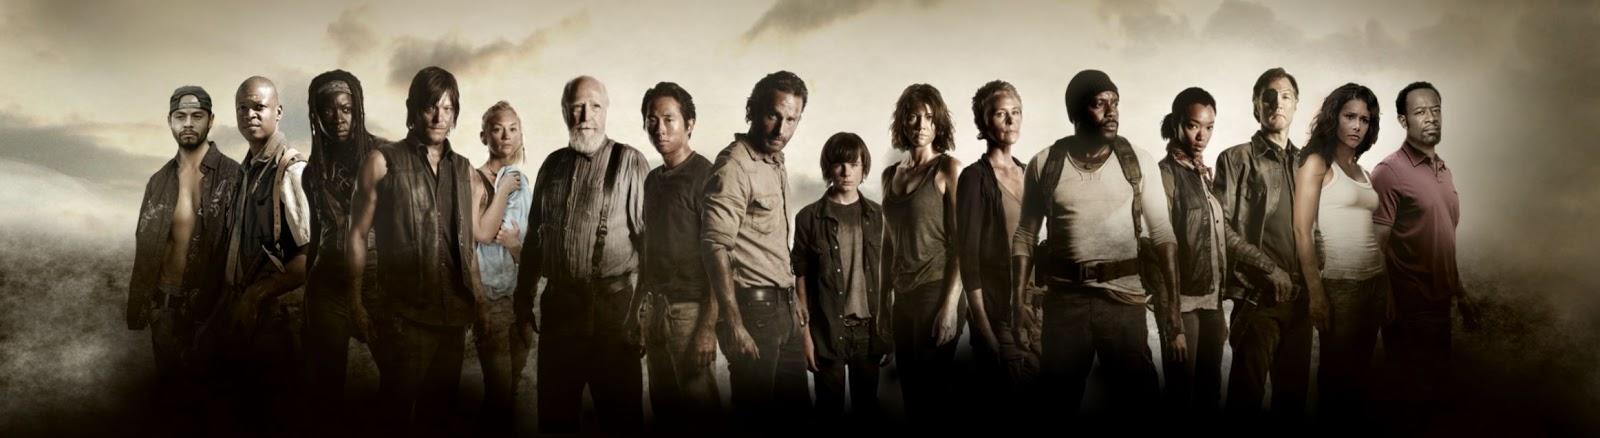 Walking Dead Season 4 Tv Series Wallpaper Eazy Wallpapers